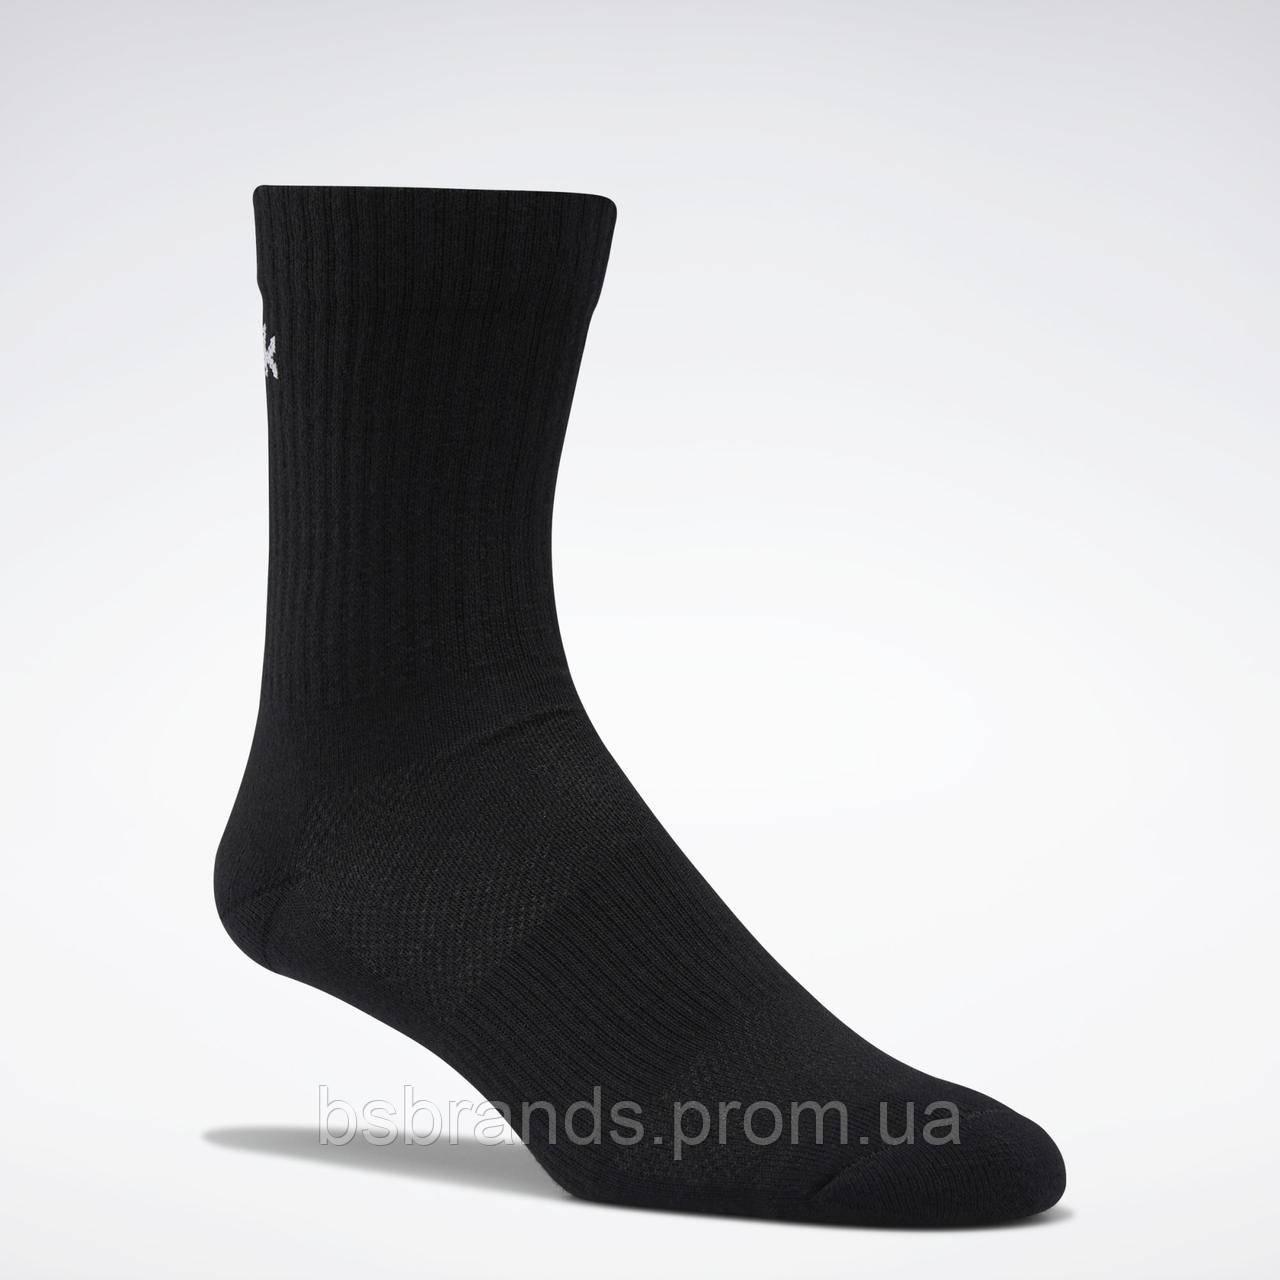 Спортивные носки Reebok Active Foundation Mid-Crew, 3 пары FQ5324 (2020/1)